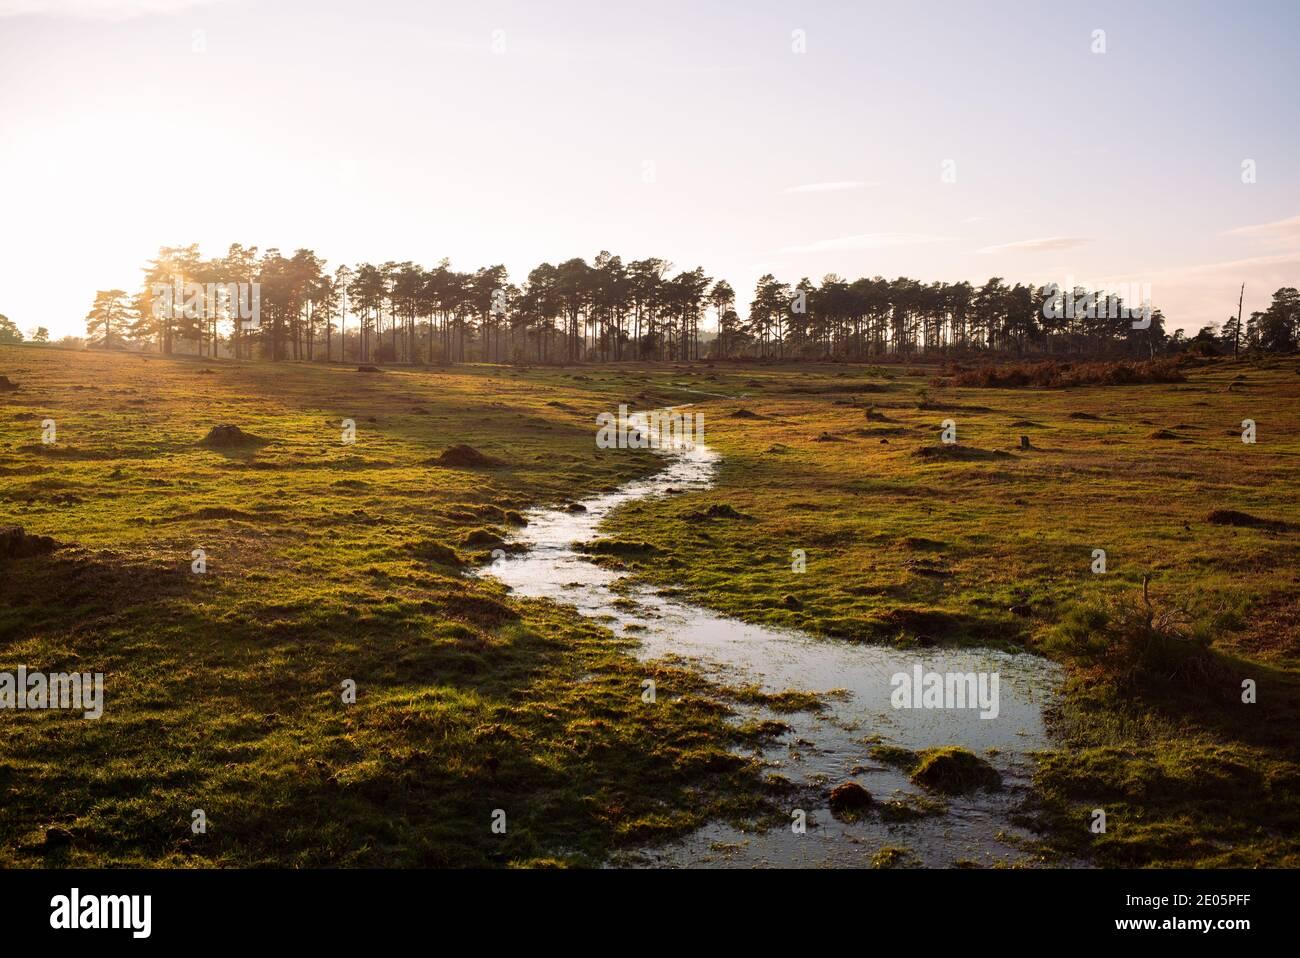 La nueva zona de conservación de bosques de Inglaterra de humedales y Mires. Esto es parte de la restauración del hábitat alrededor del Nuevo Bosque. Foto de stock